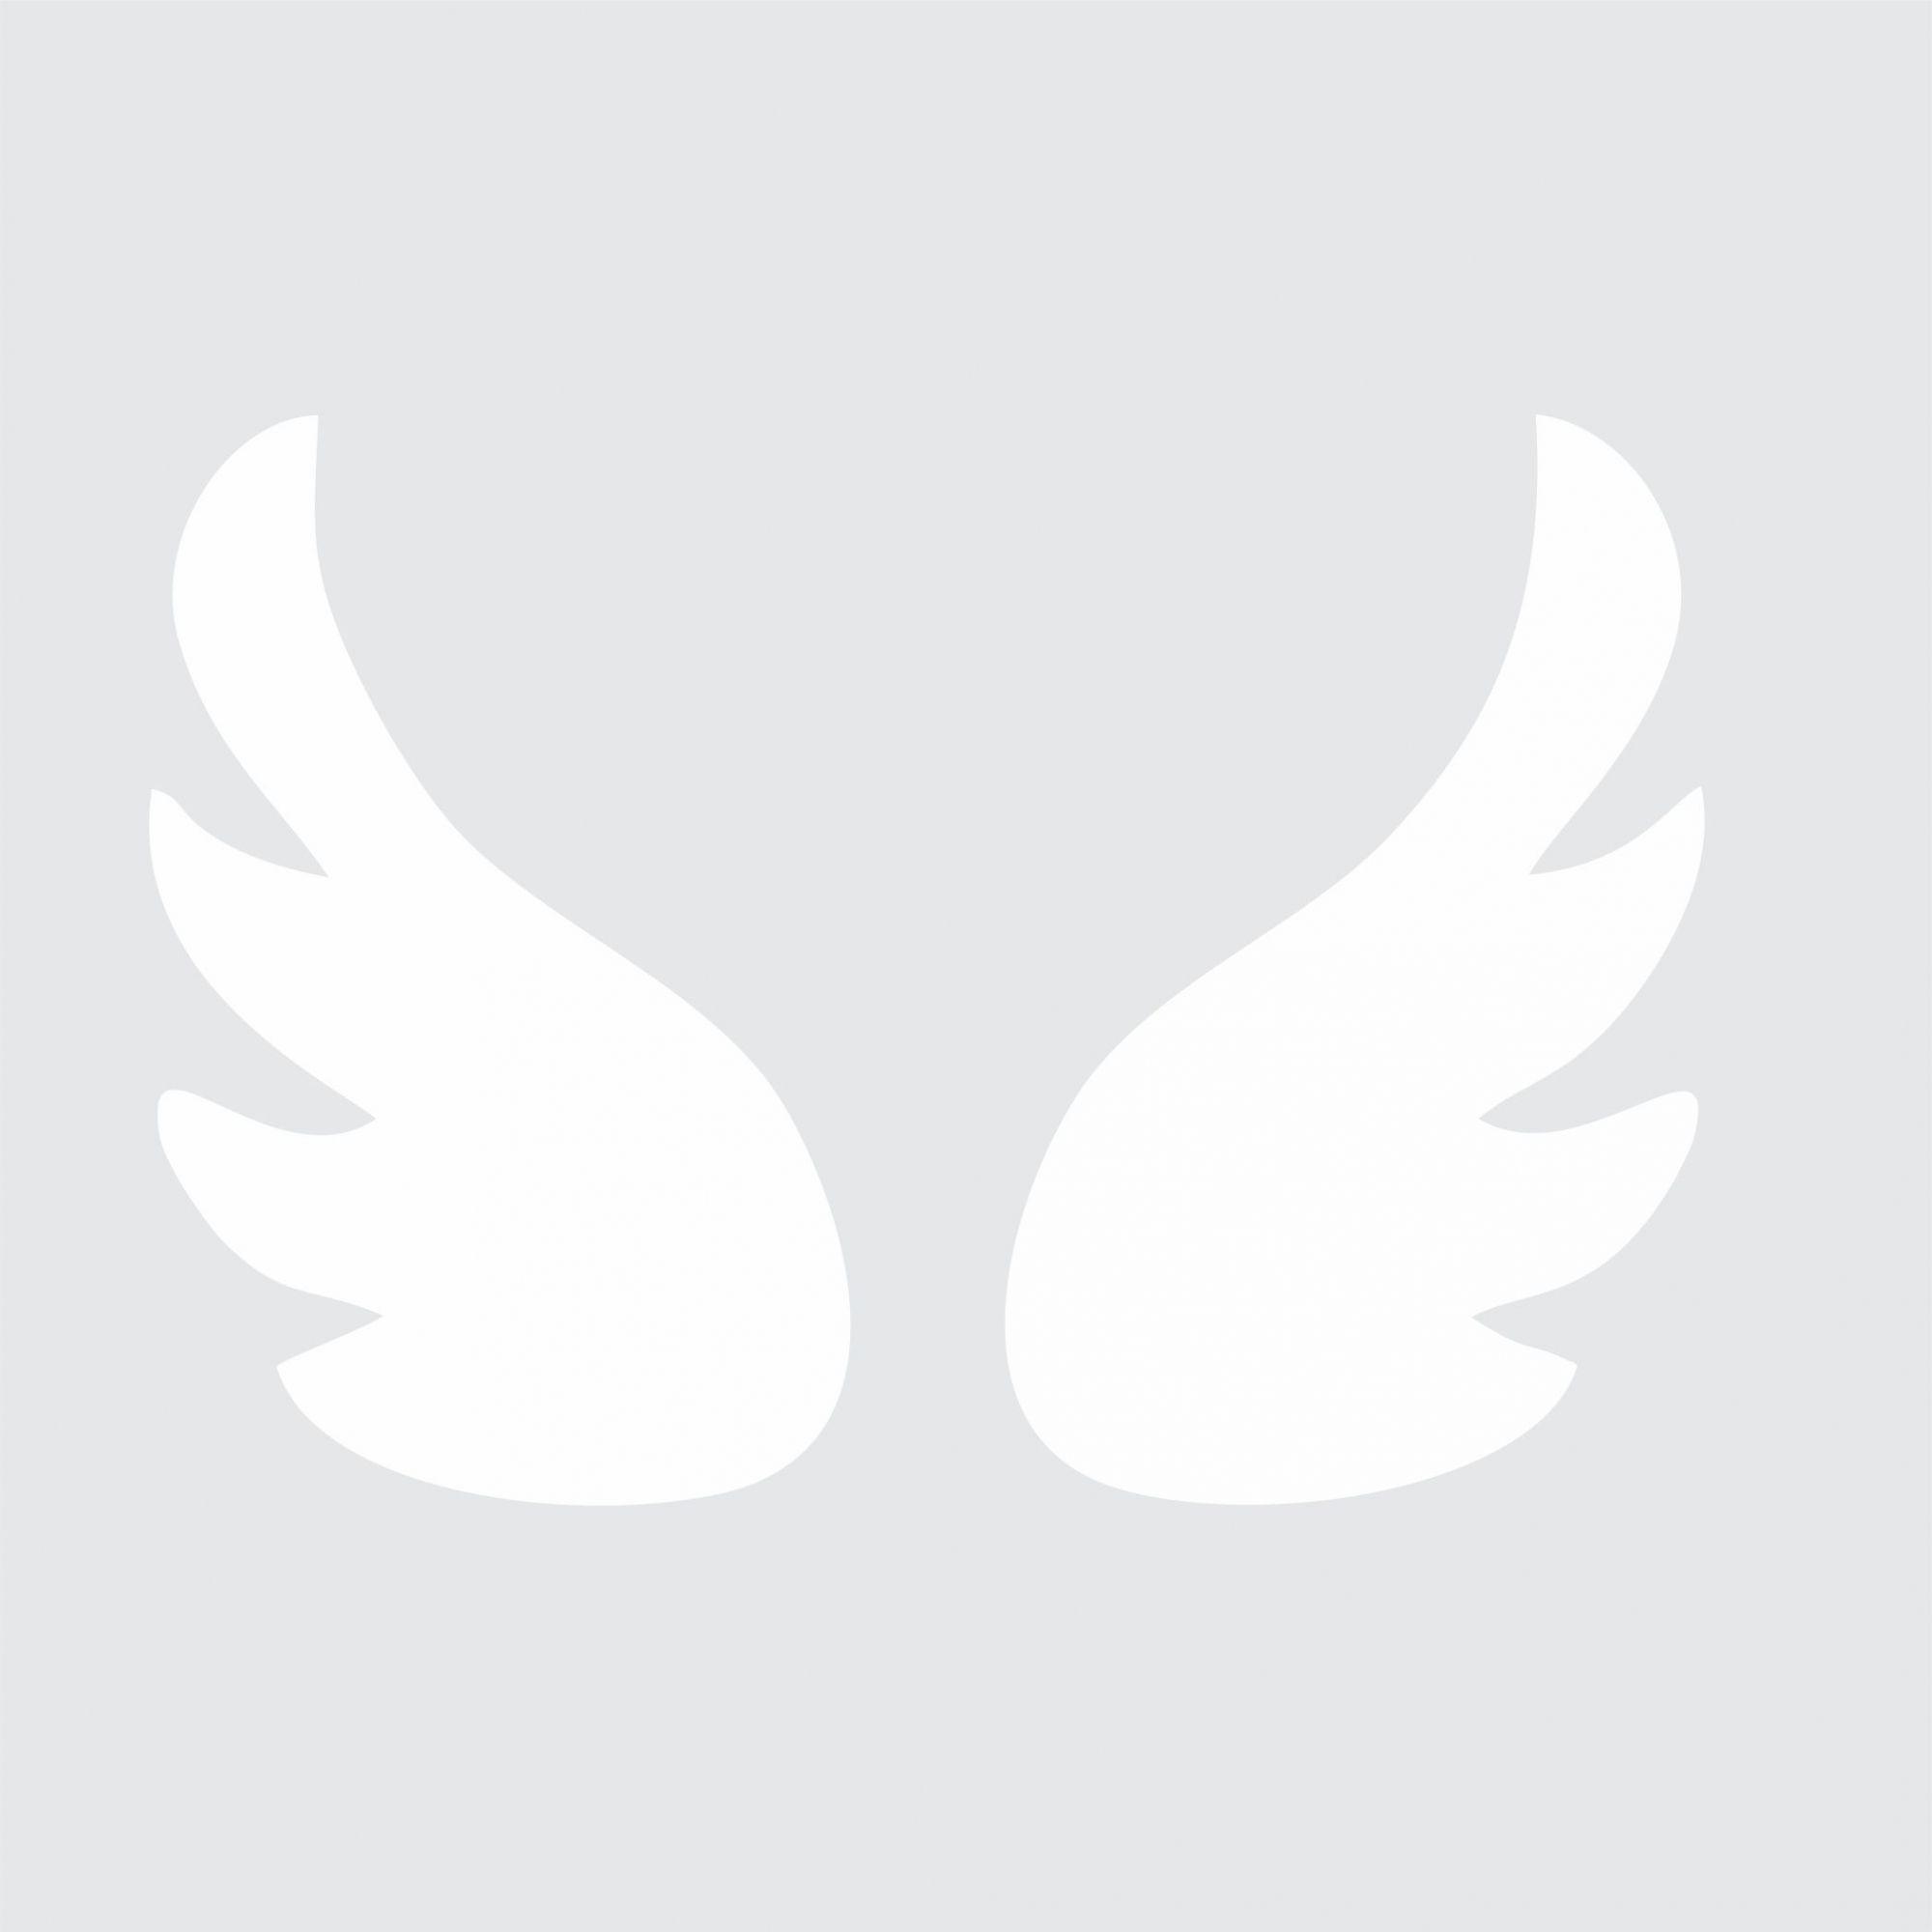 Adesivo de Parede Asas - FRETE GRATIS